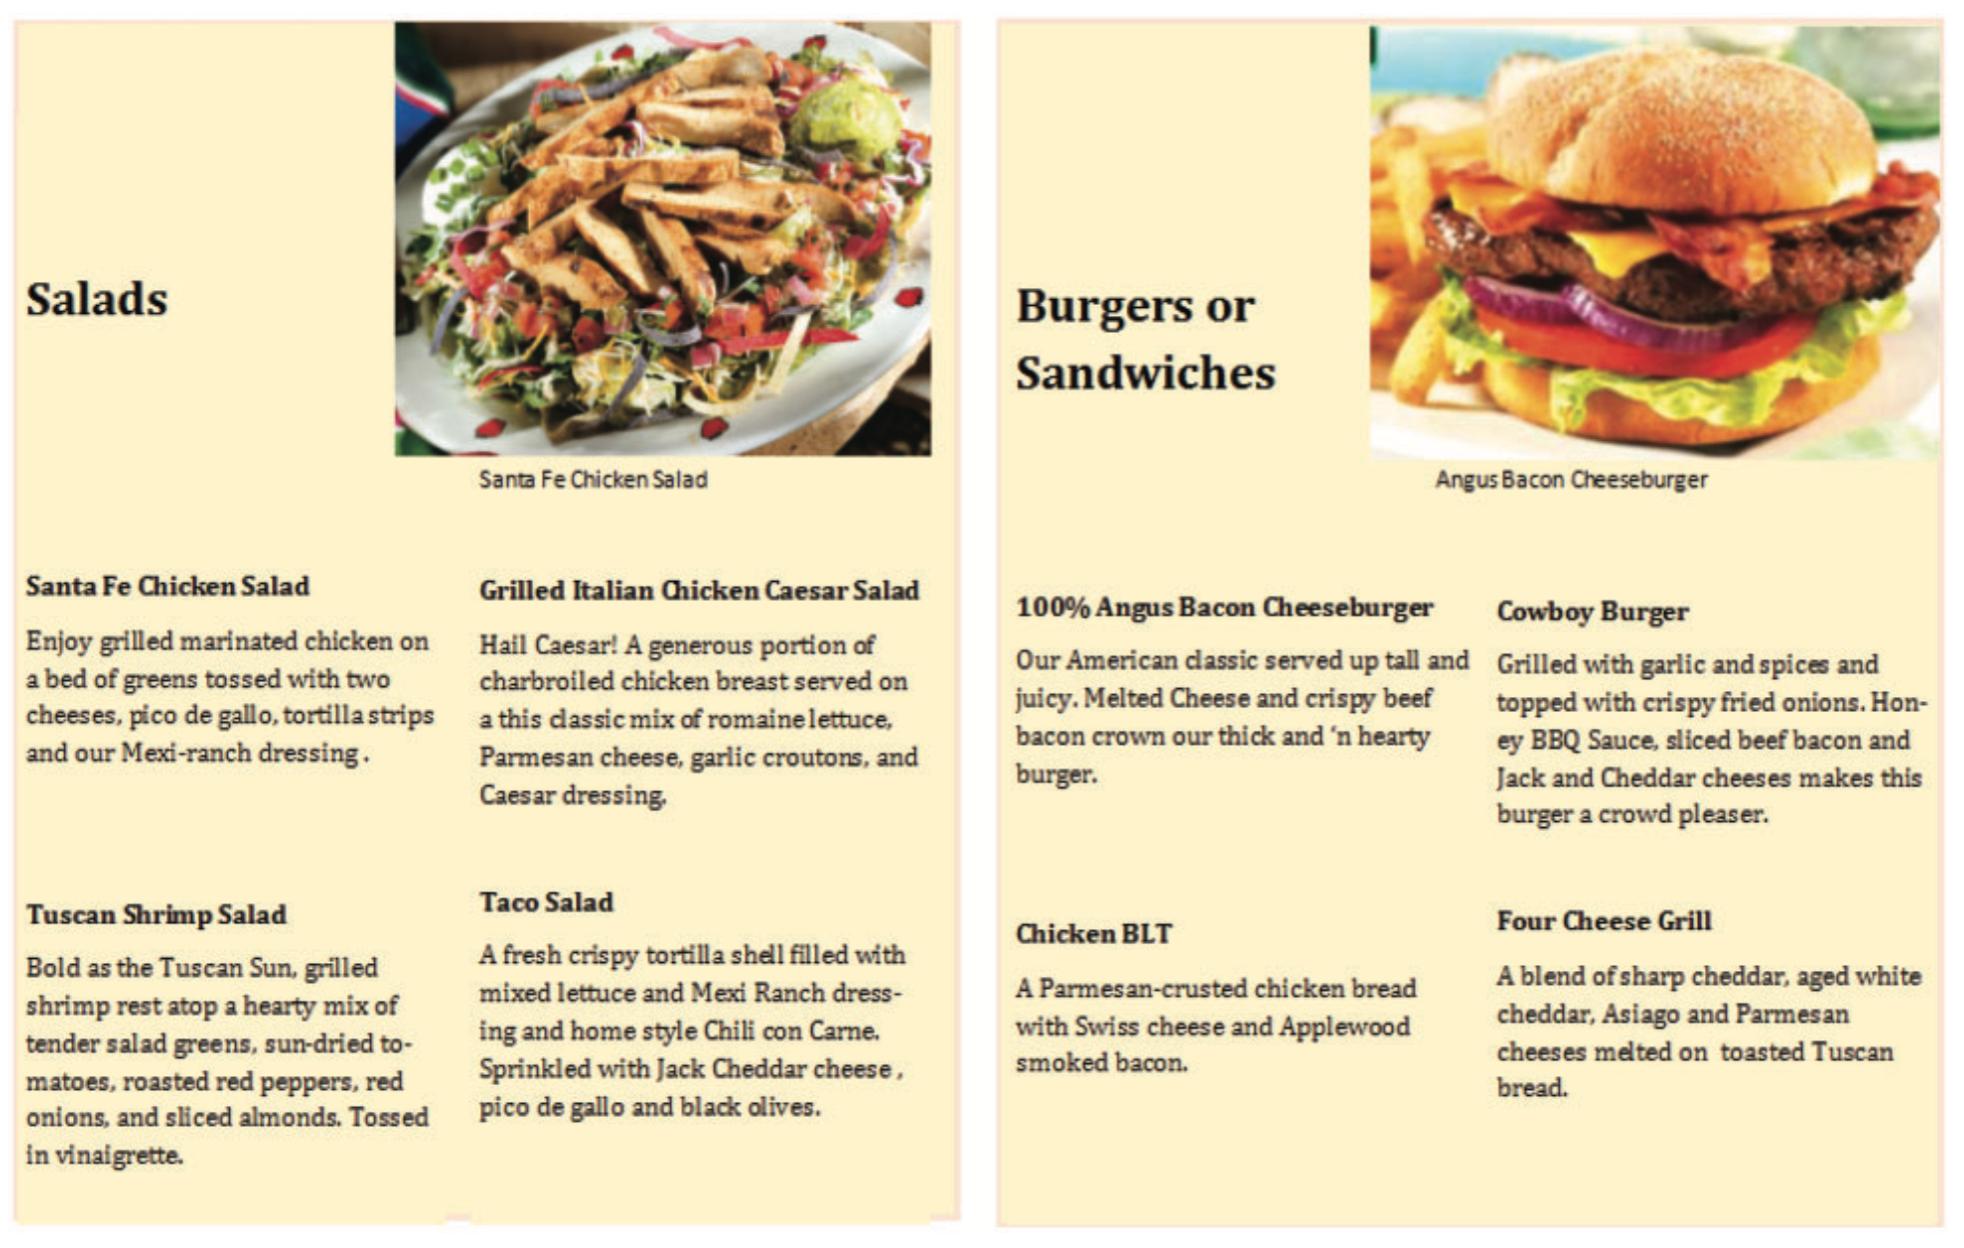 De ideale menukaart: gezonde keuzes aan de linkerzijde